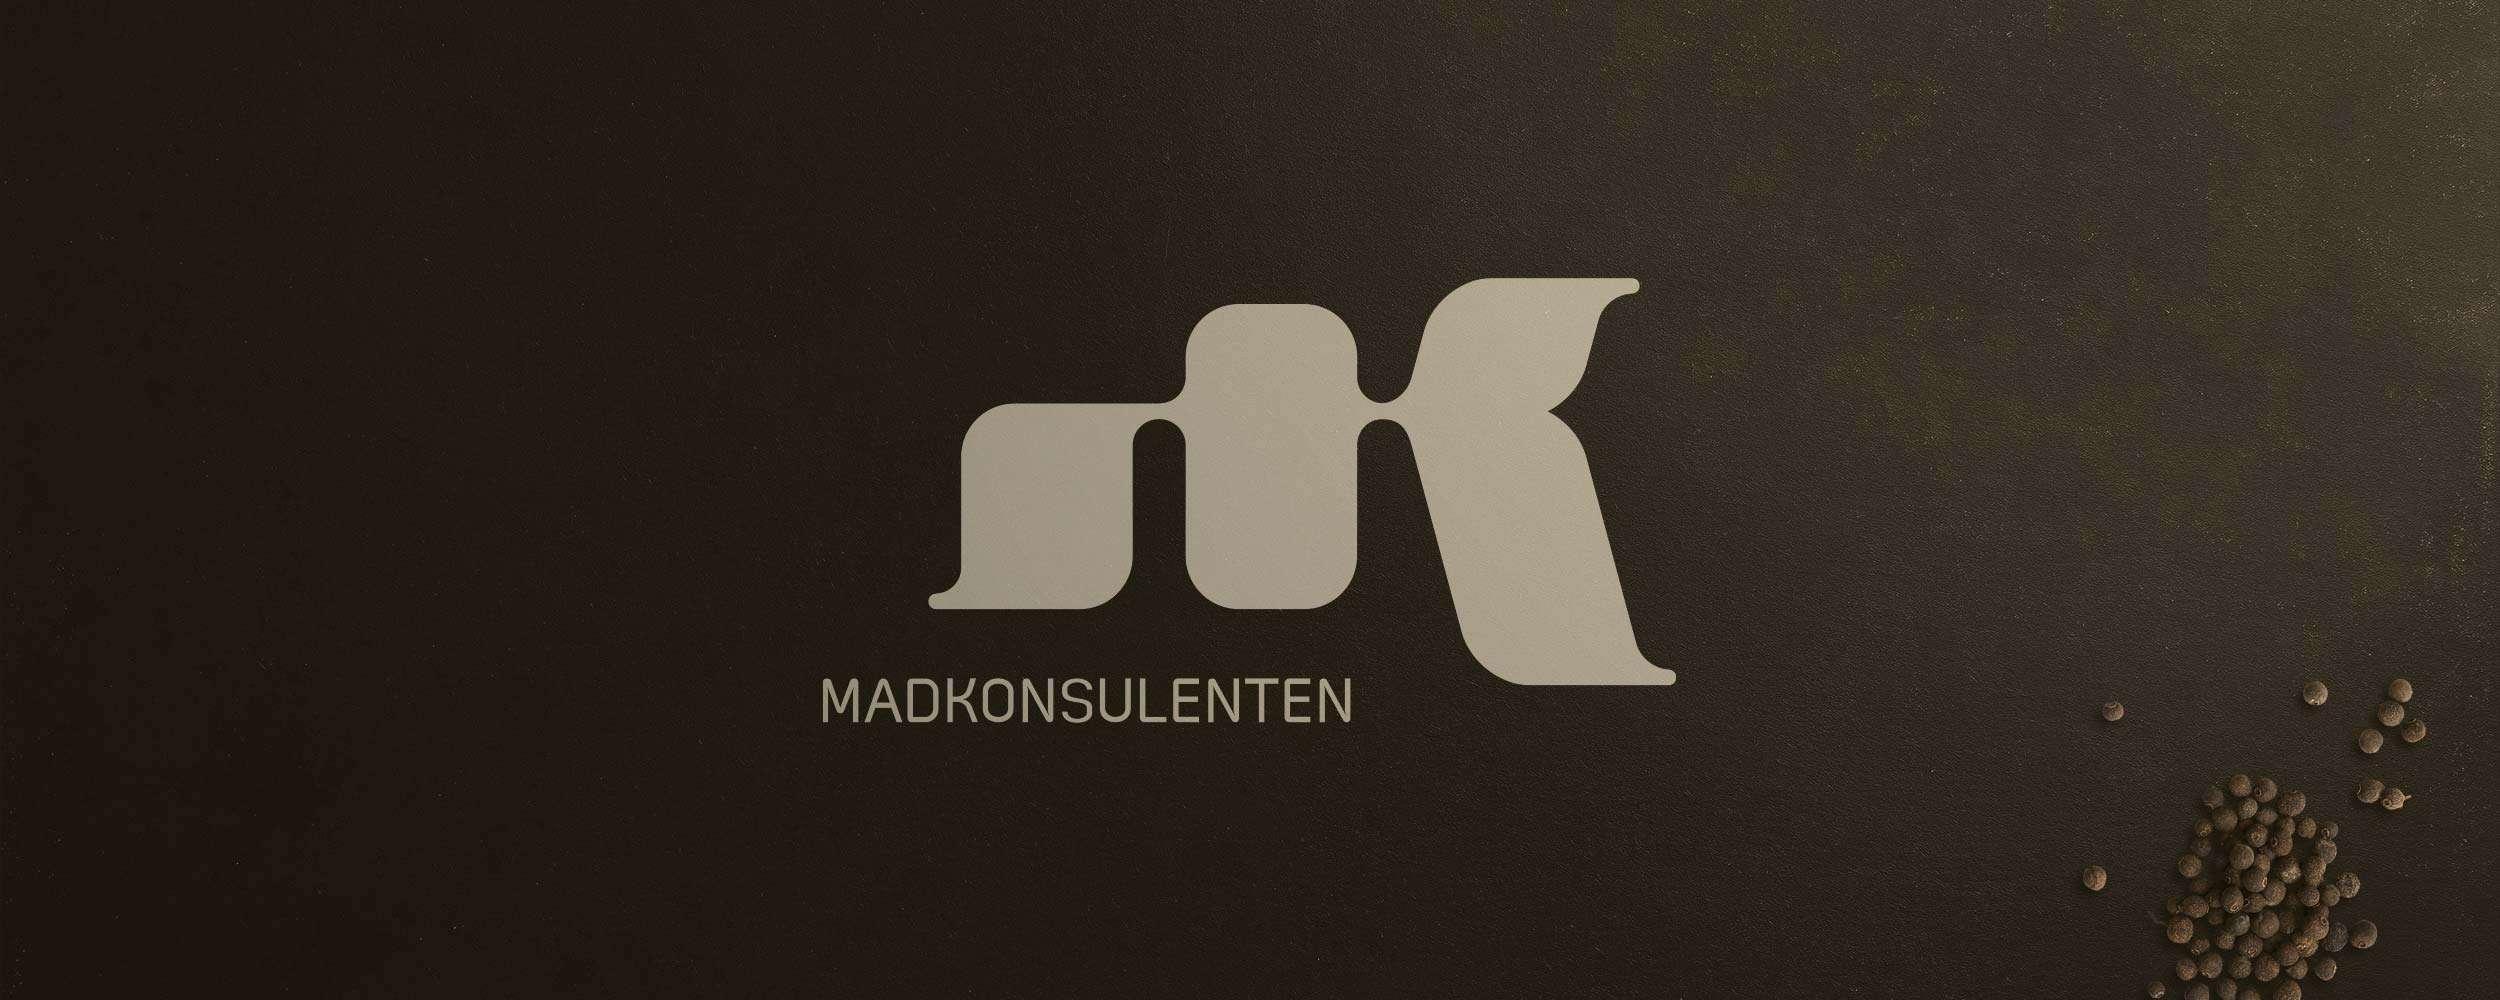 Madkonsulenten logo